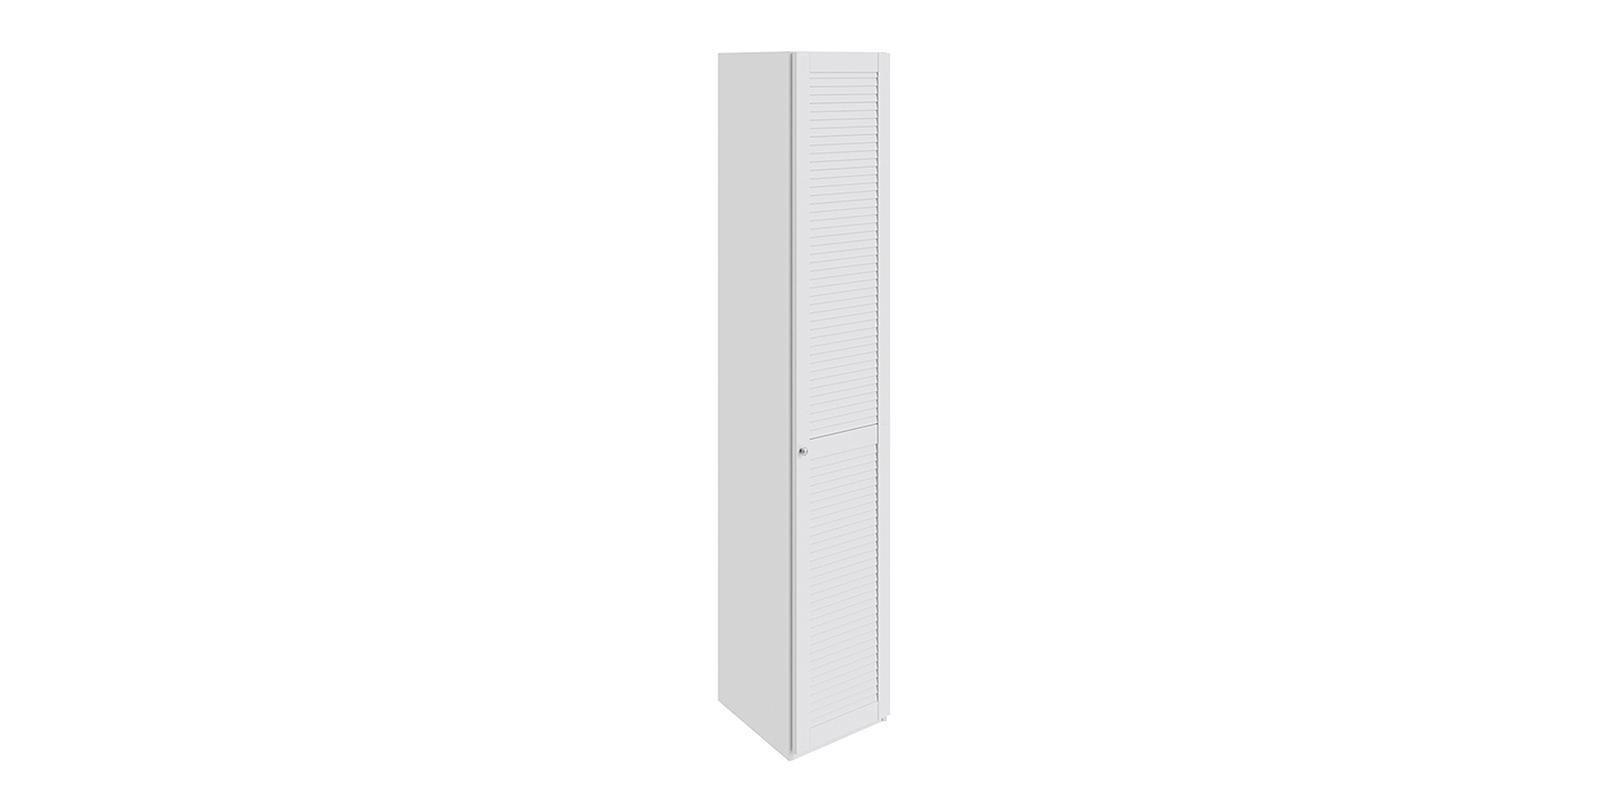 Шкаф распашной однодверный Мерида правый вариант №5 торцевой (белый)